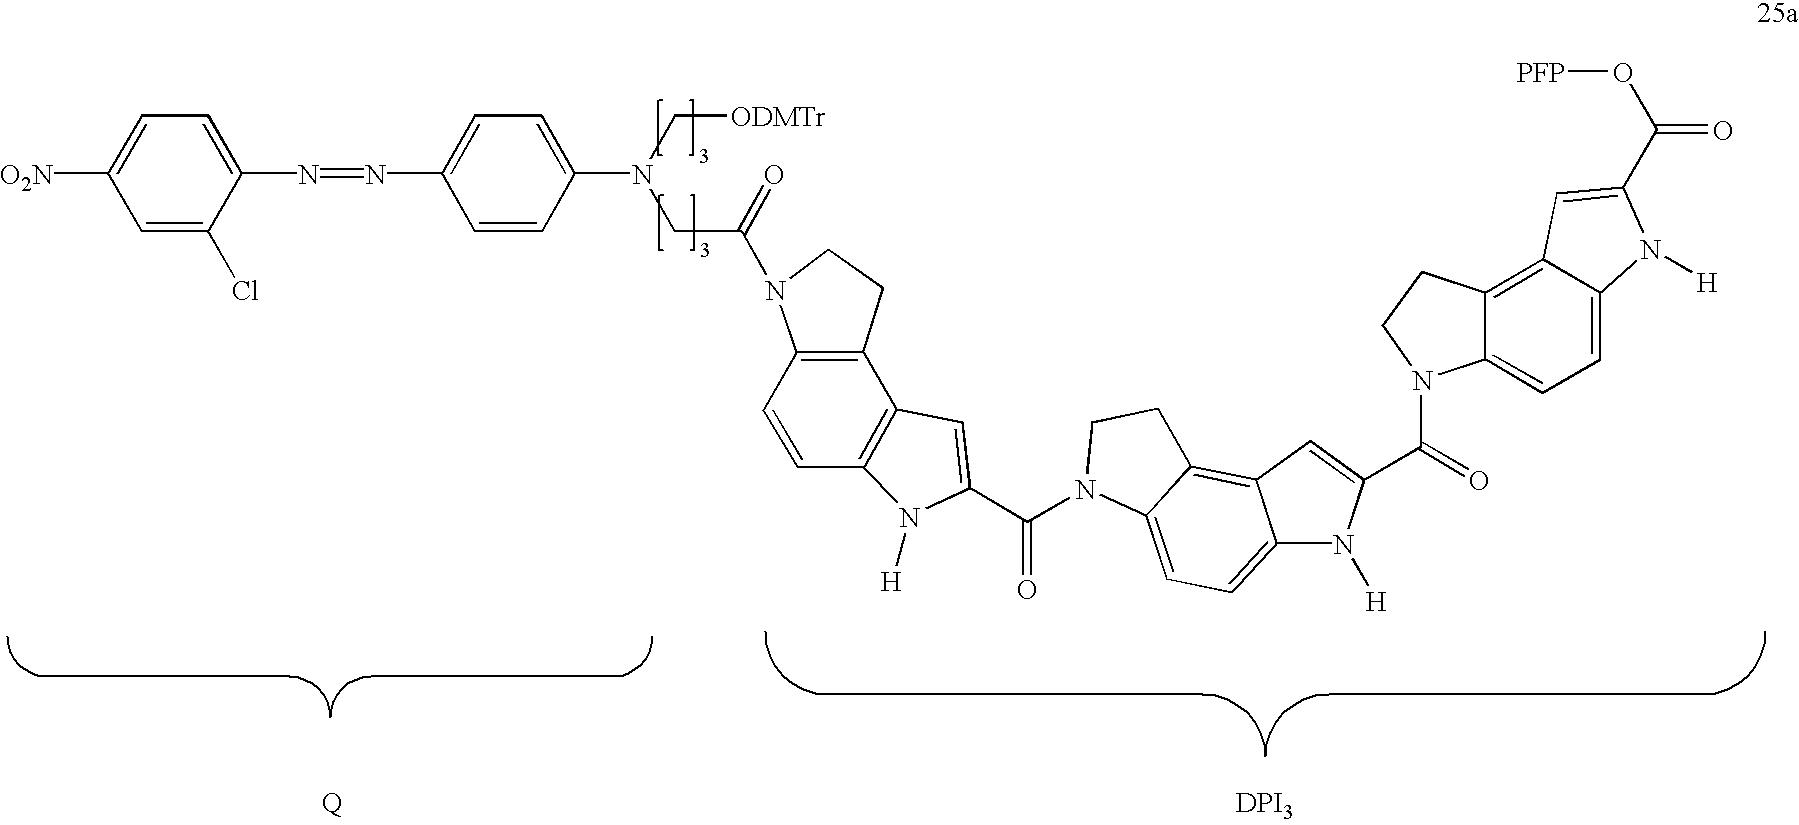 Figure US06699975-20040302-C00040